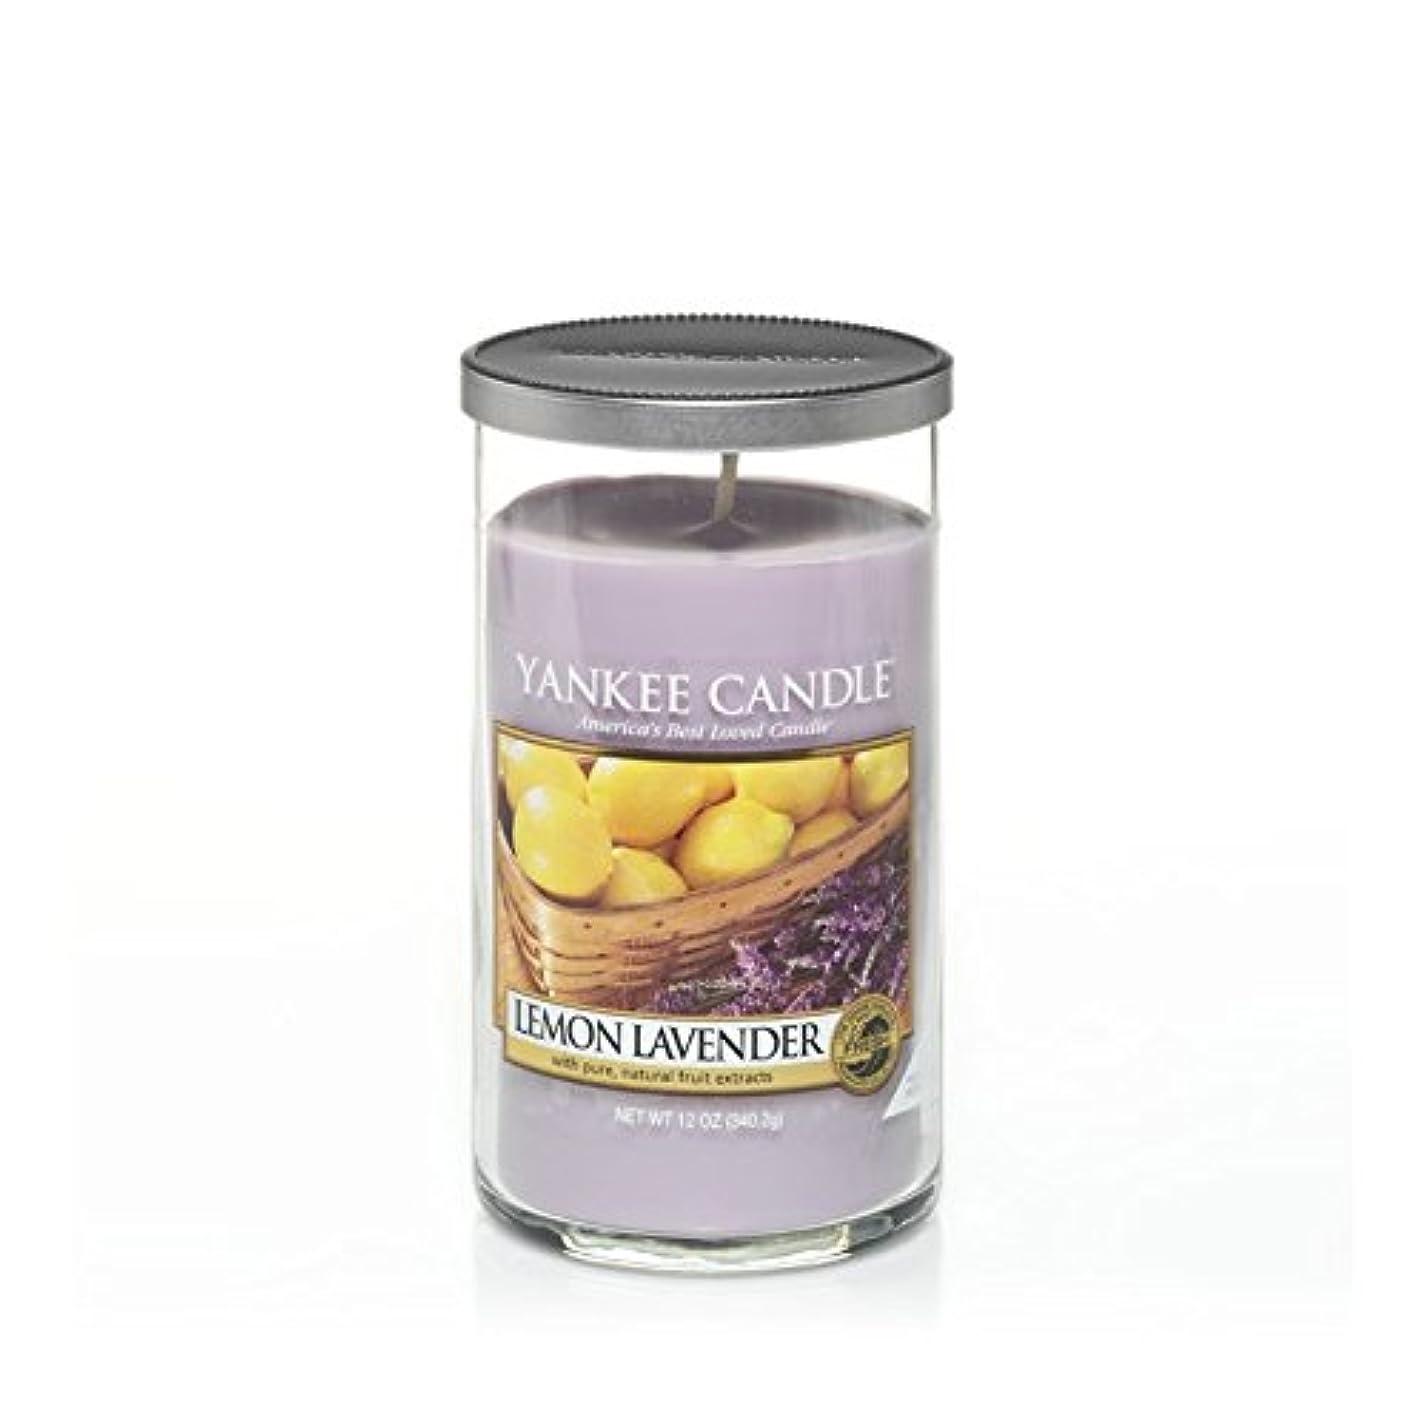 悪名高いパイプライン密度Yankee Candles Medium Pillar Candle - Lemon Lavender (Pack of 2) - ヤンキーキャンドルメディアピラーキャンドル - レモンラベンダー (x2) [並行輸入品]